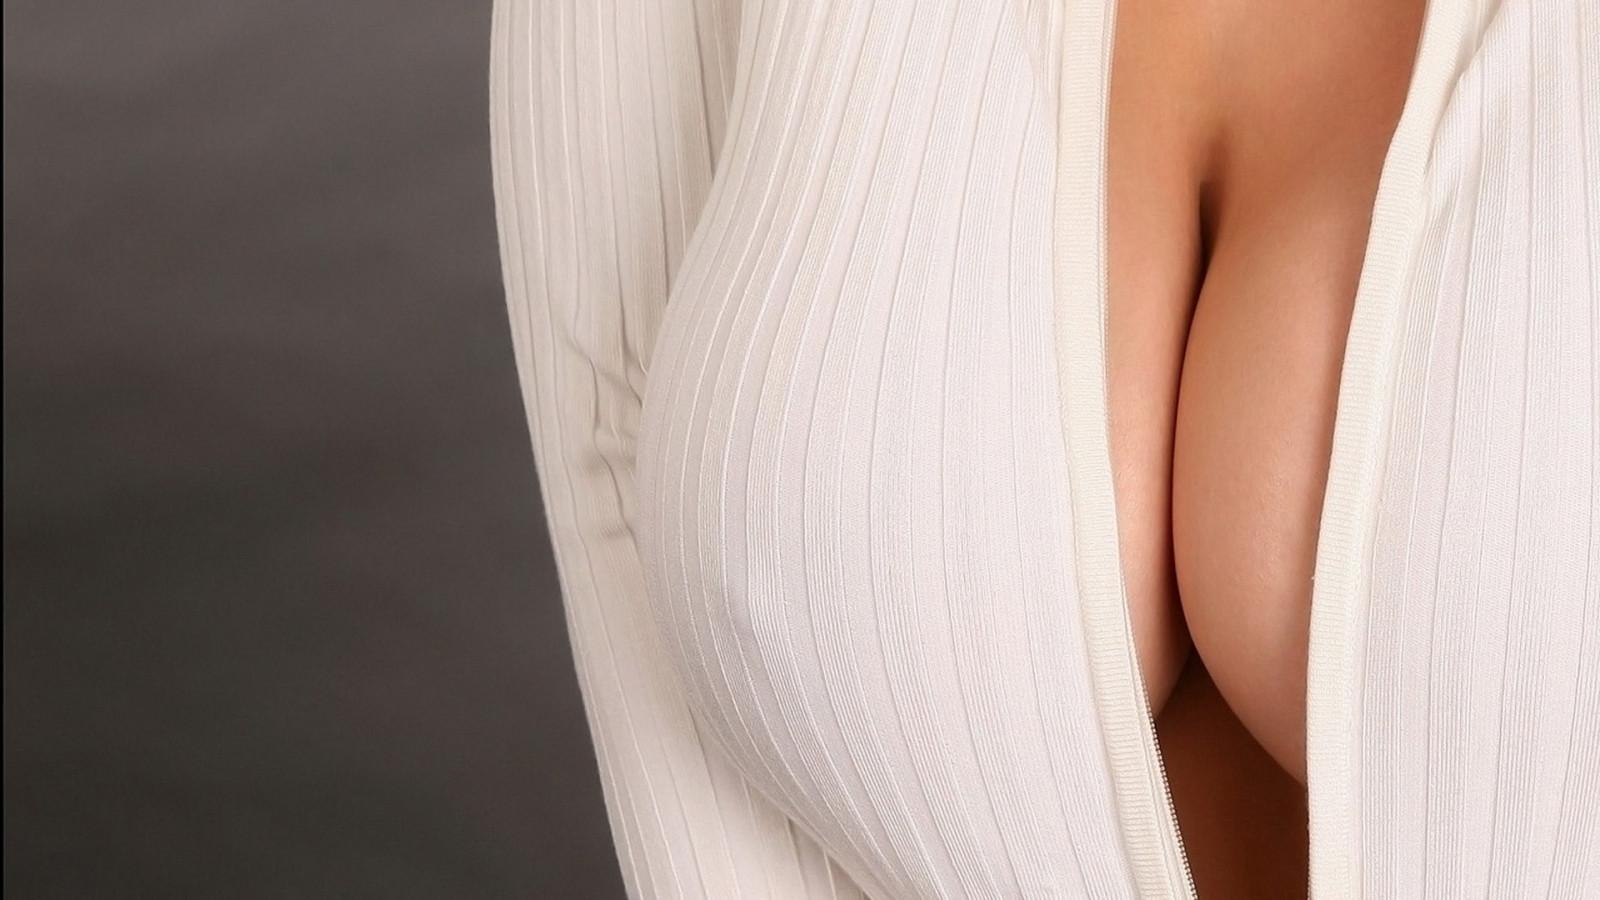 фото женская грудь и соски - 13